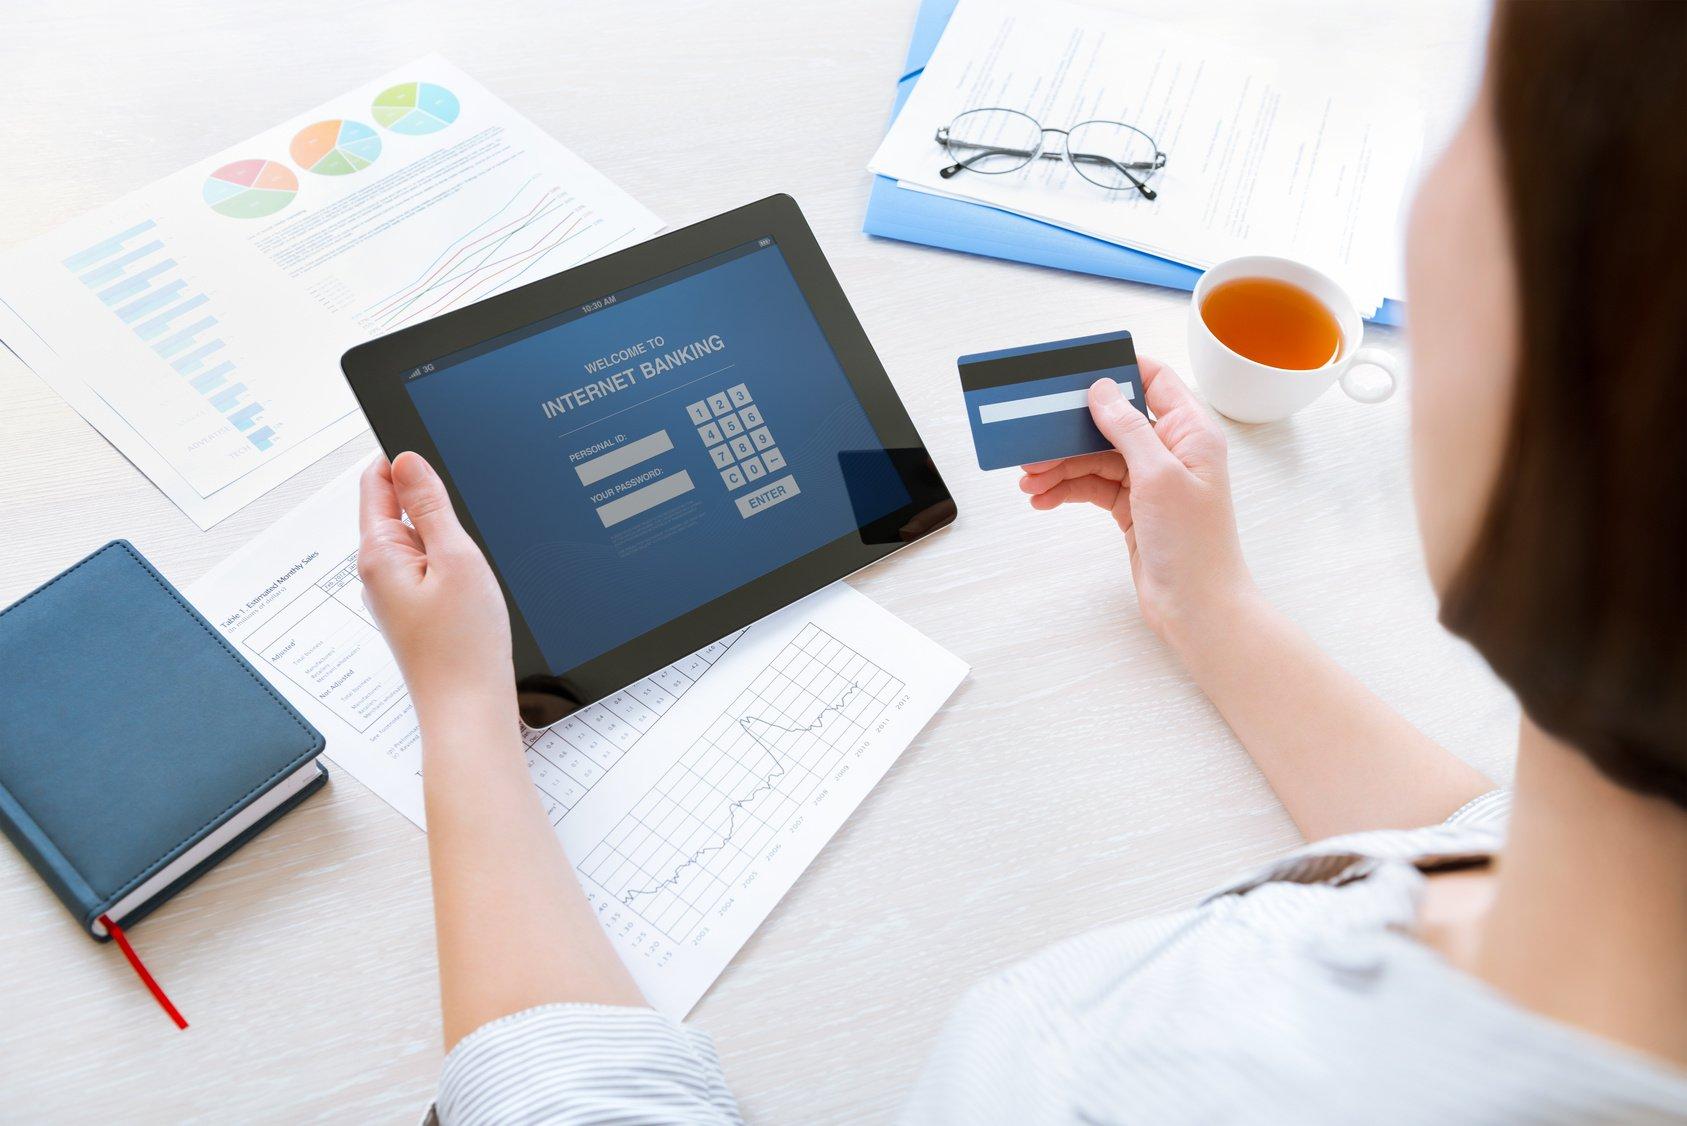 Интернет банкинг Агропромбанка — вход в систему и личный кабинет